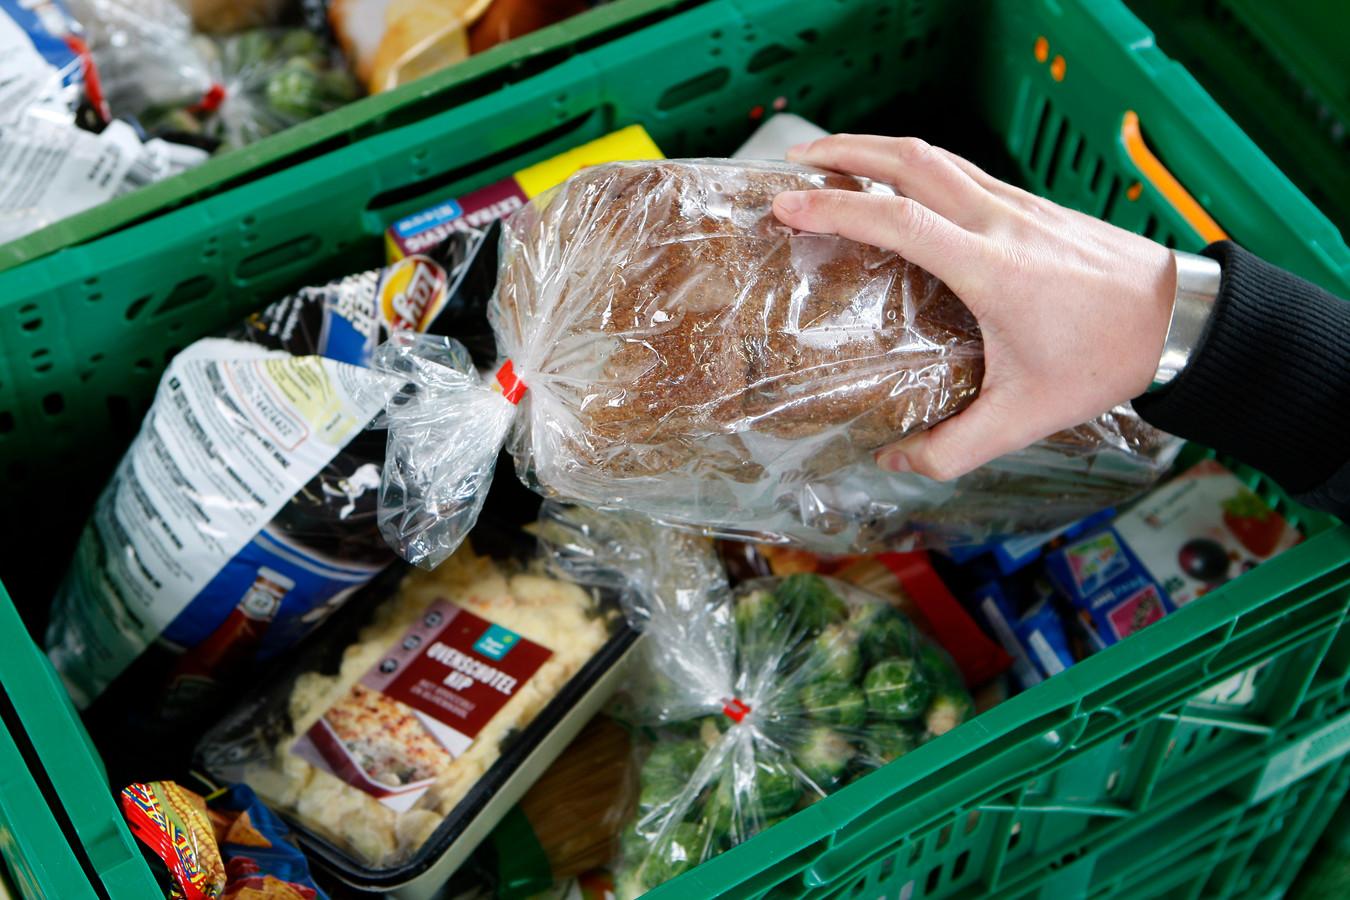 Een voedselpakket. Foto ter illustratie.